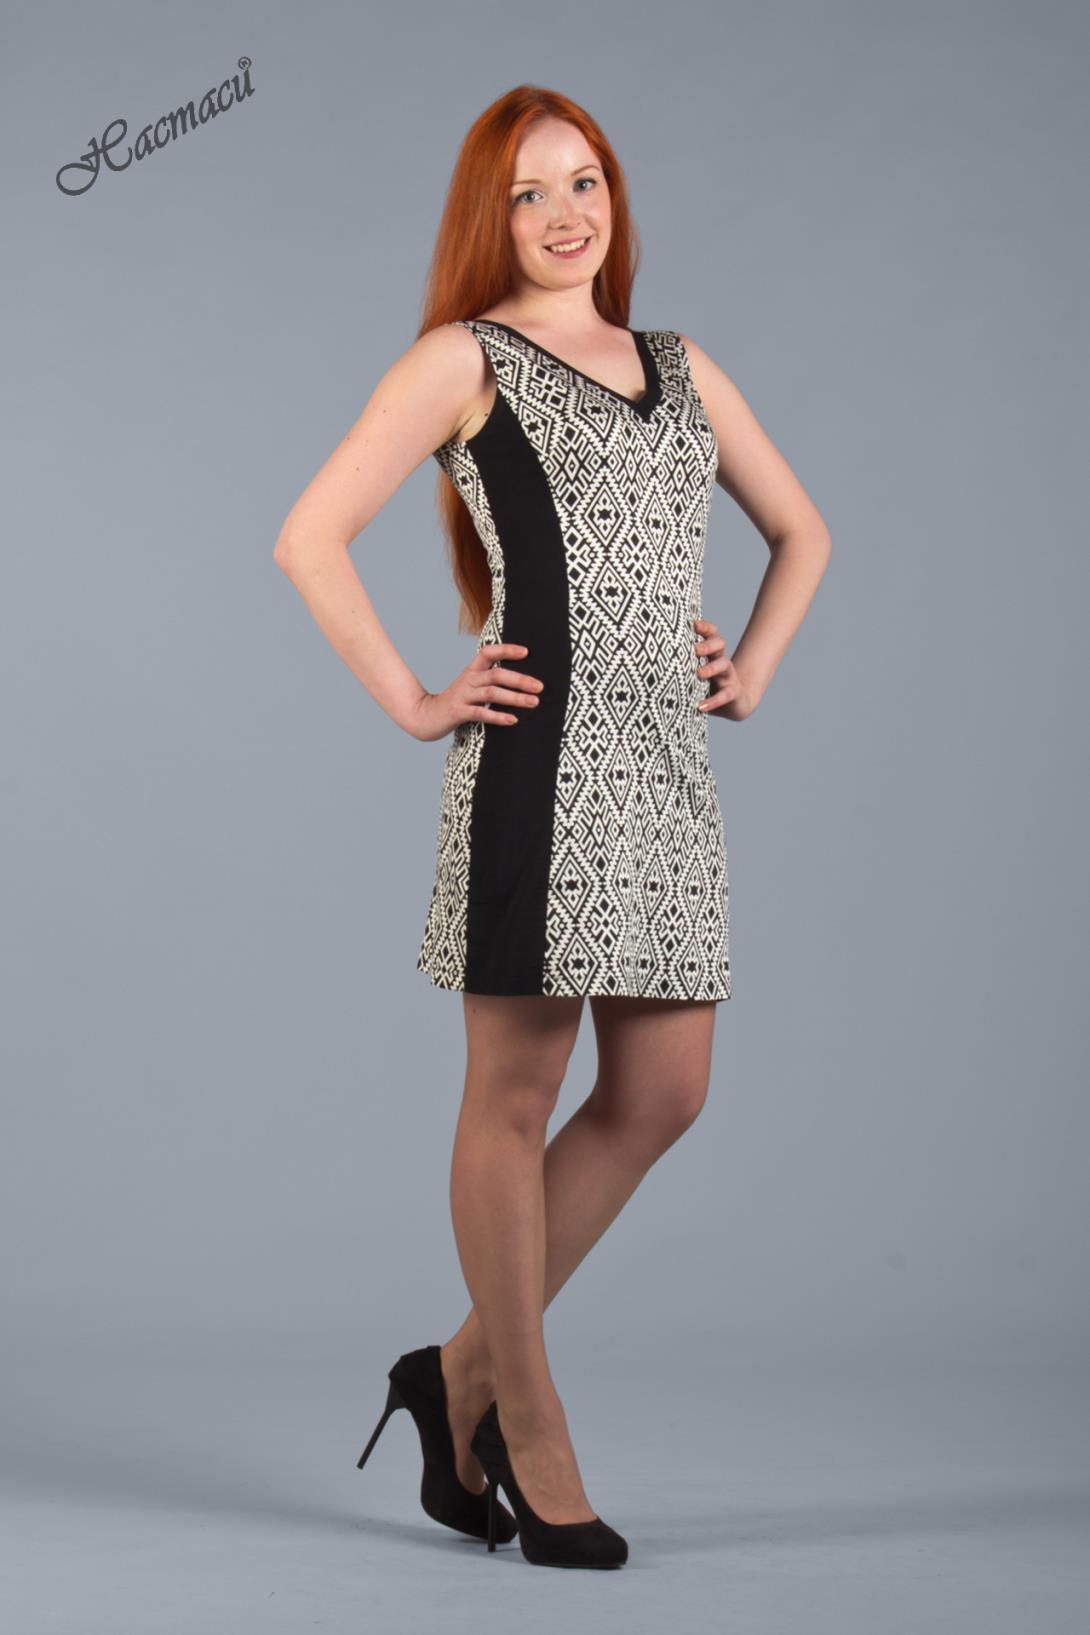 Женская Одежда Настаси